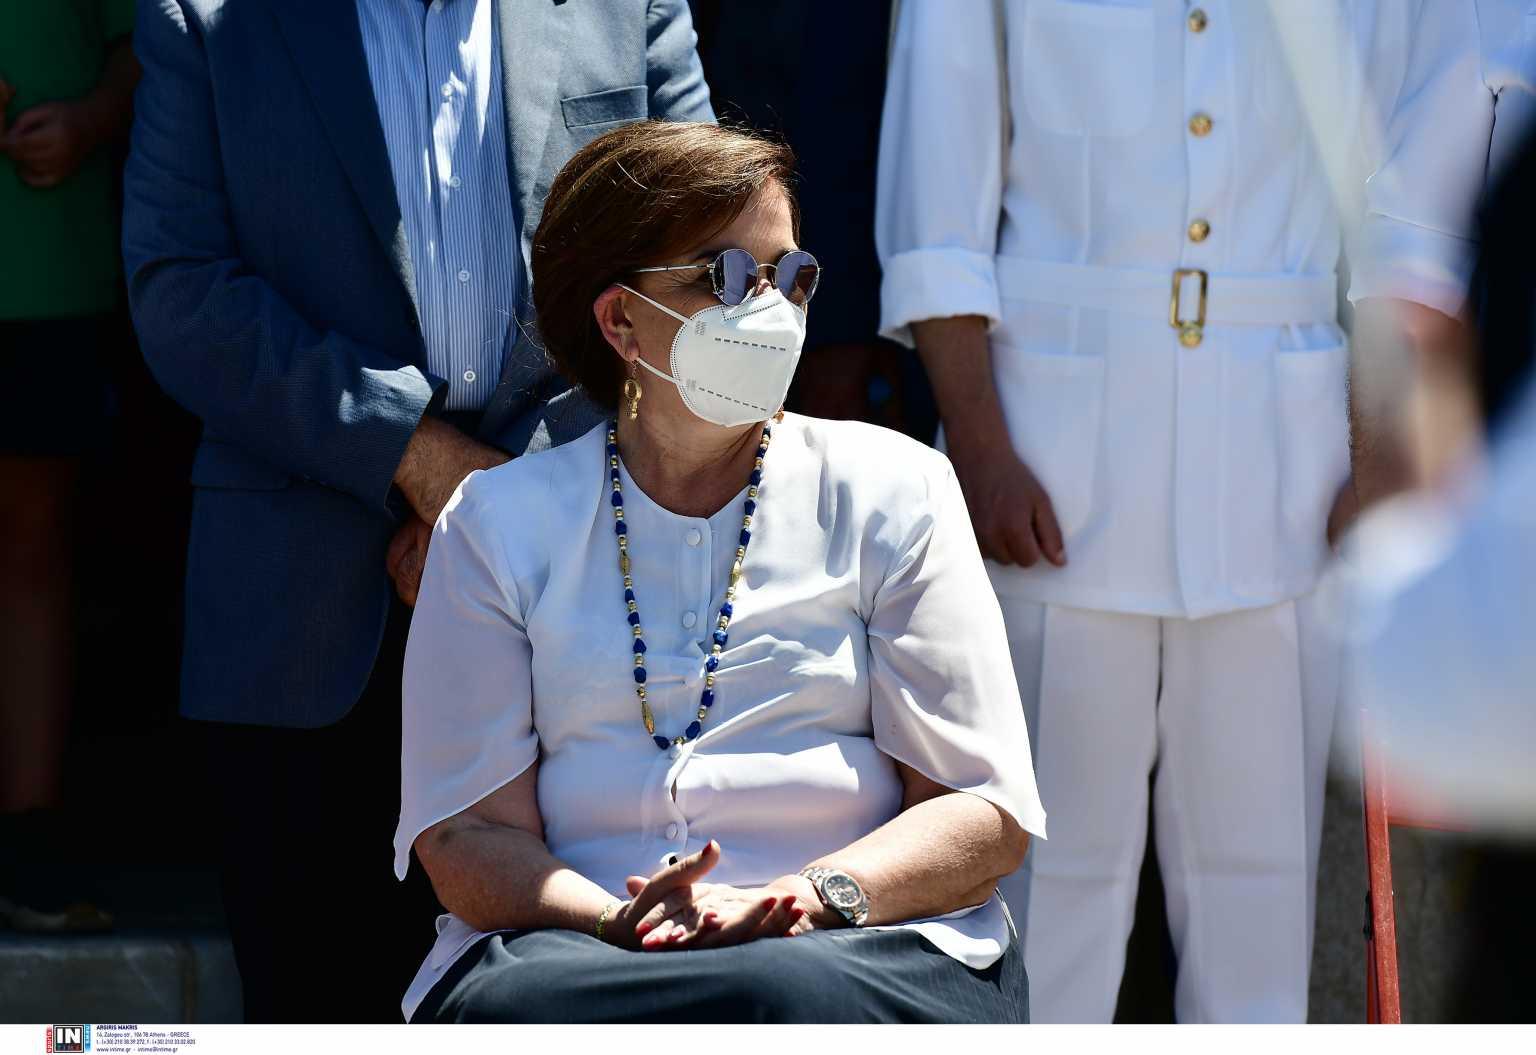 Ντόρα Μπακογιάννη: «Τσουνάμι» ευχών για να κερδίσει την μάχη με τον καρκίνο